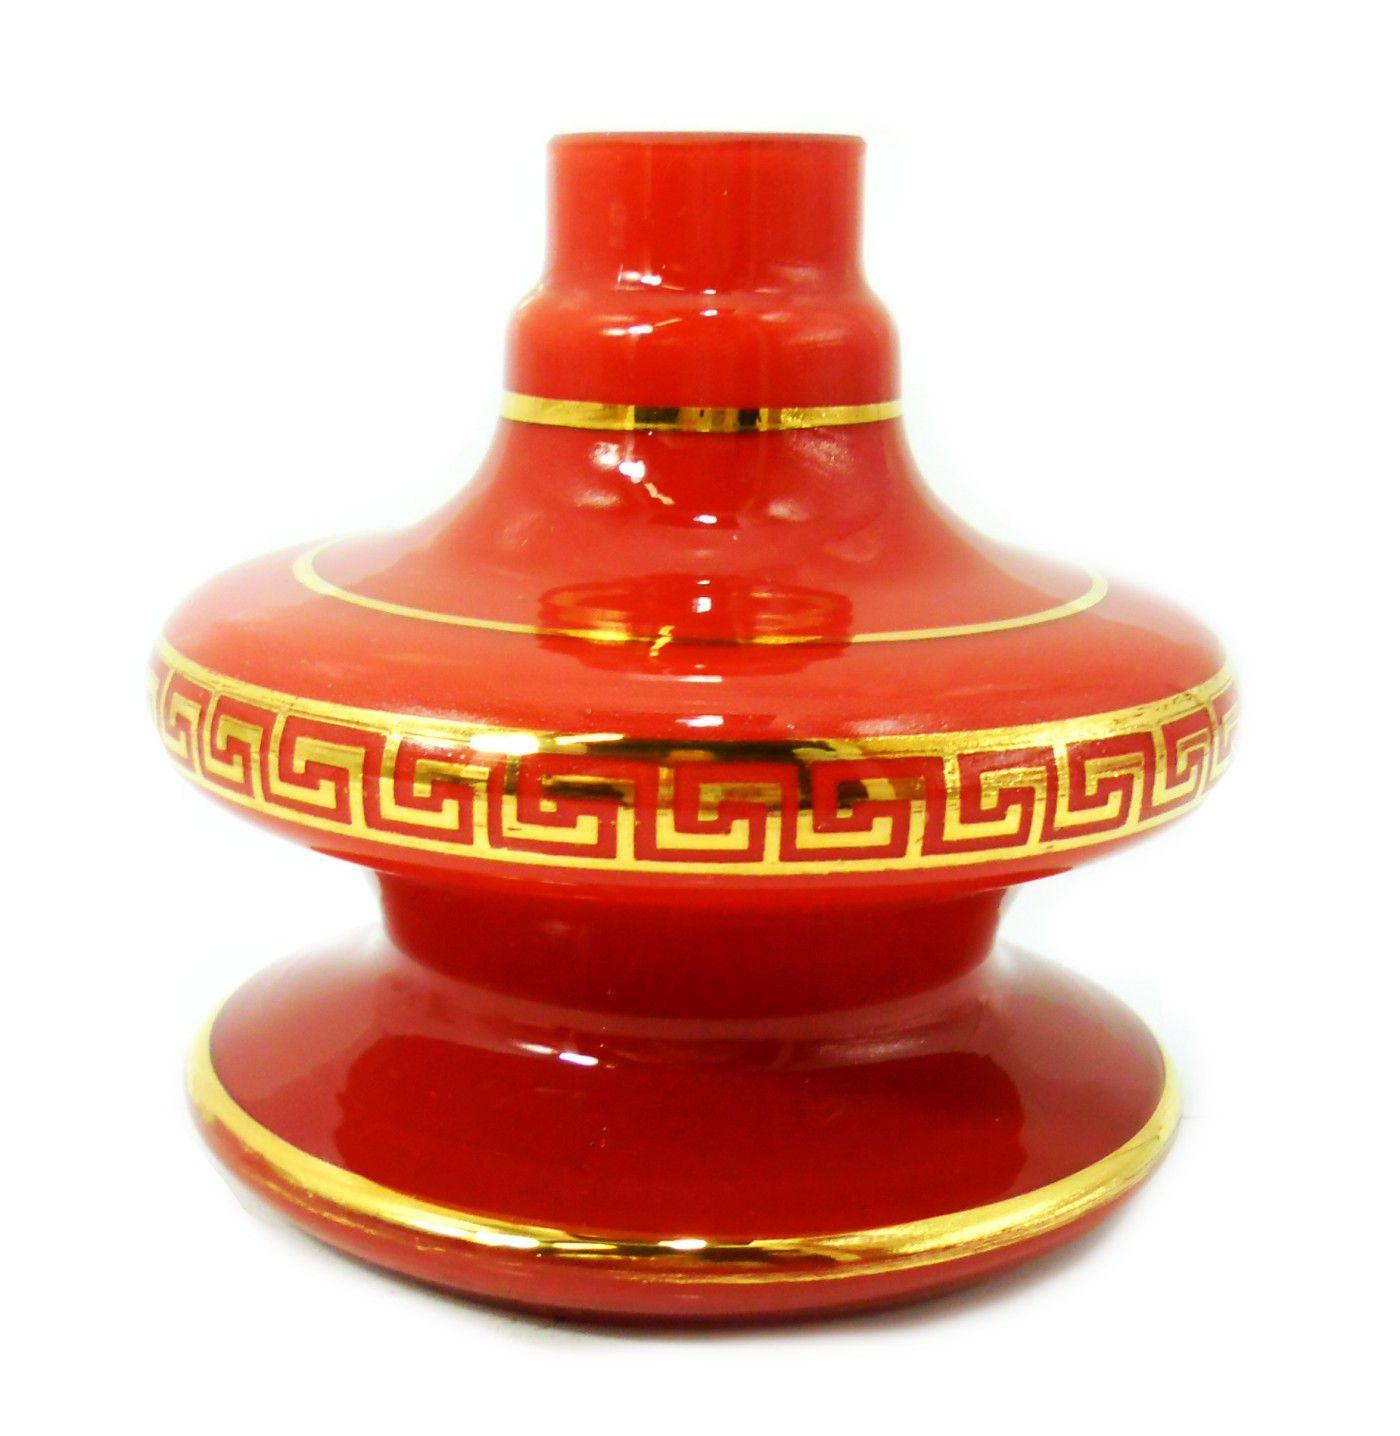 Vaso/base para narguile GÊNIO/ALADIN com FAIXA GREGA dourada (13cm), Shisha Glass. Encaixe macho. Vermelho com faixa gre